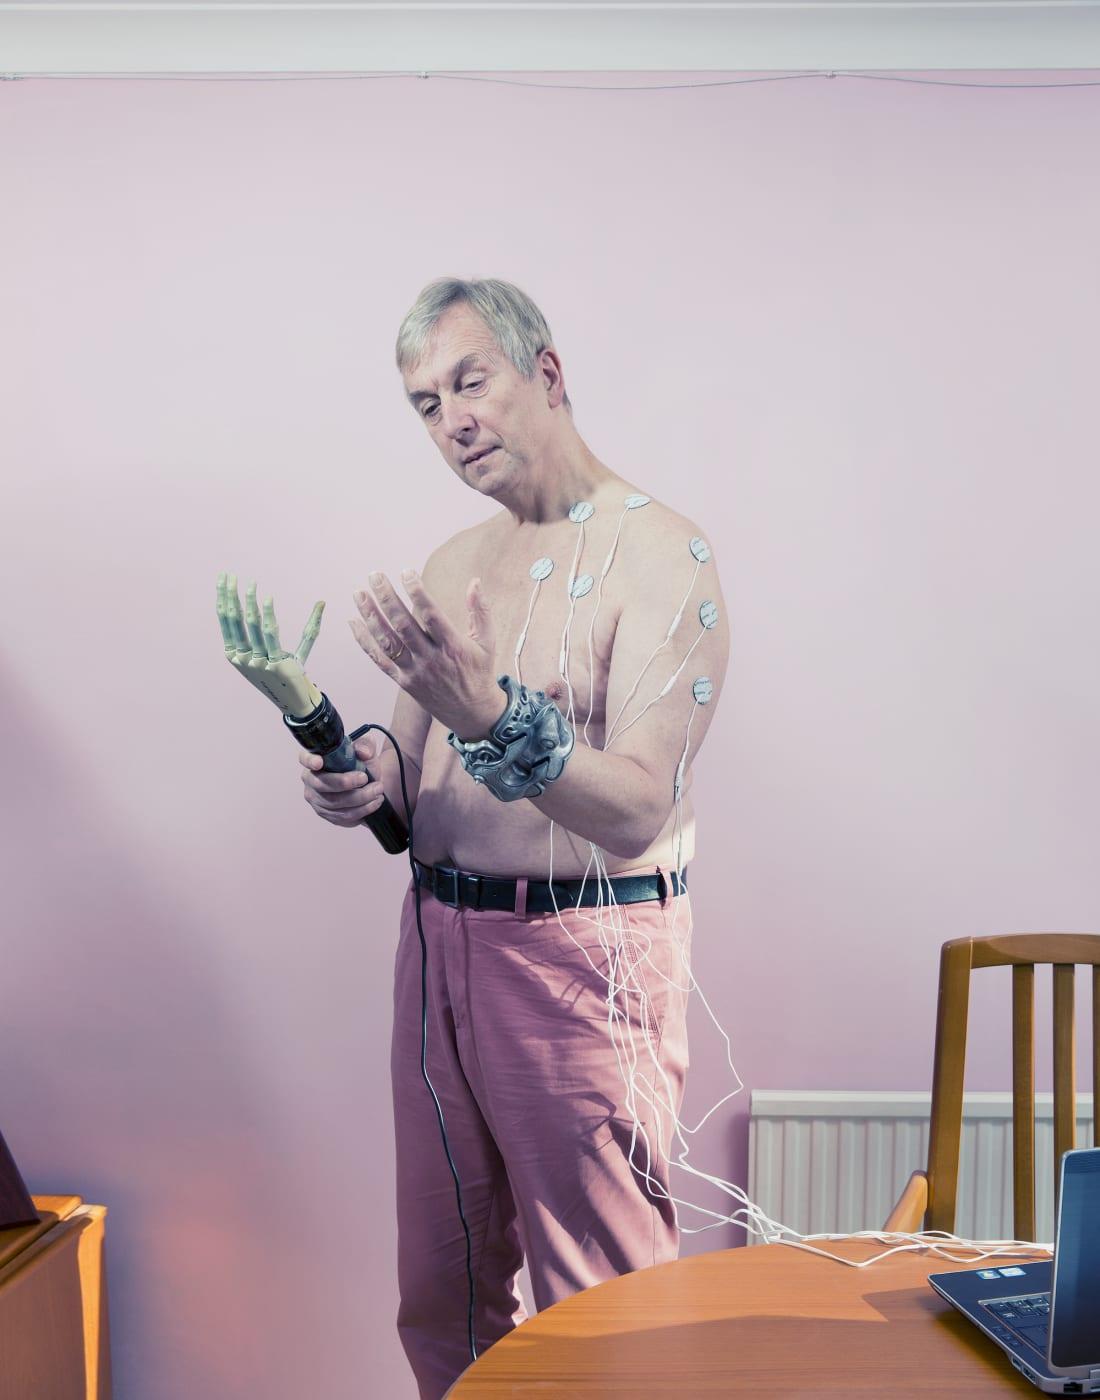 Многие считают Кевина Уоррика первым киборгом в мире. У него образована симбиотическая связь с роботизированной рукой. Уоррик соединил нервную систему с компьютером и может управлять рукой с помощью сигналов из мозга.